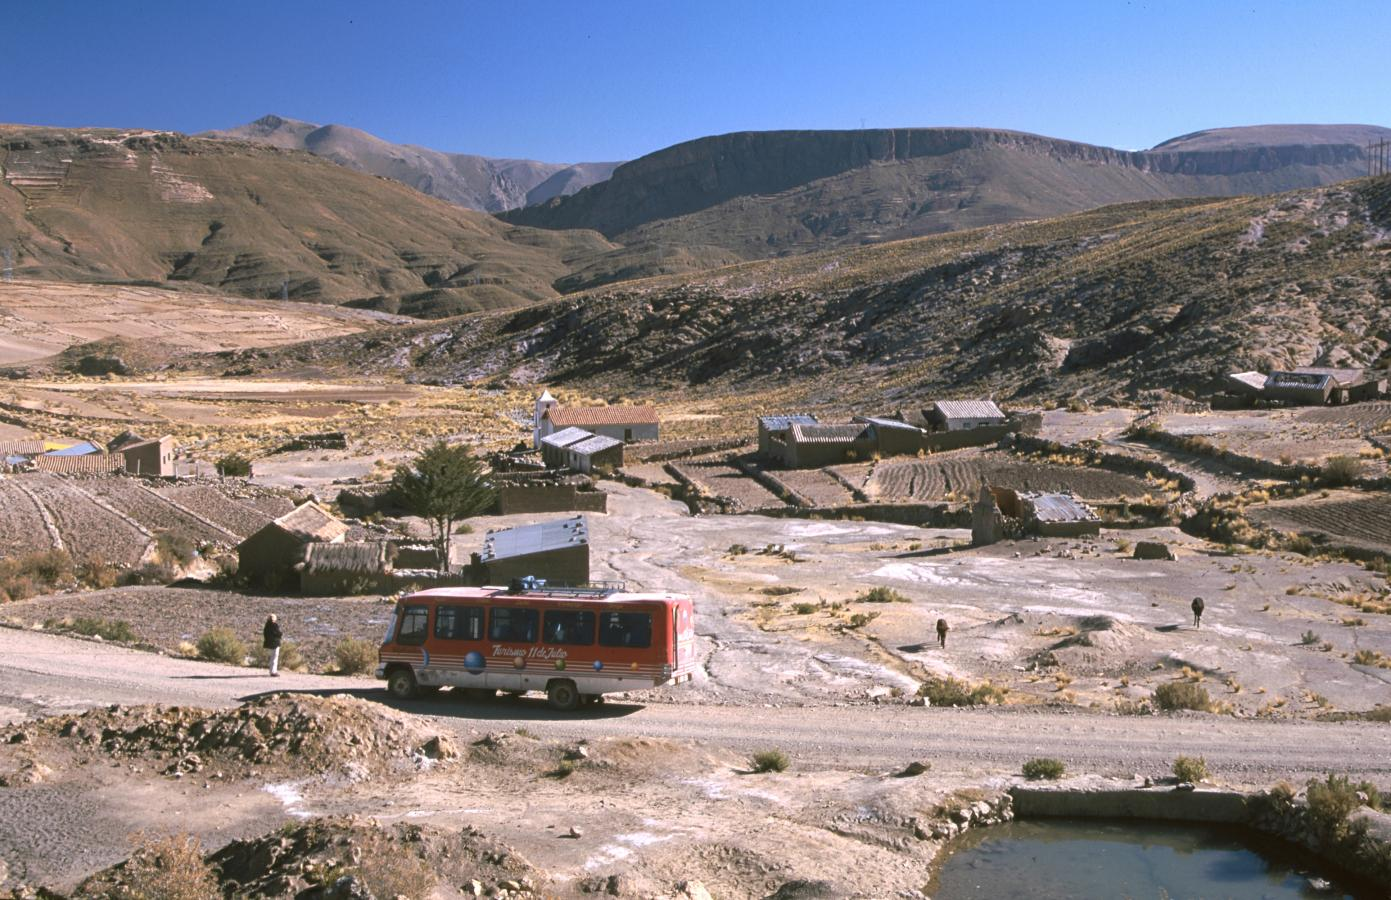 lama-glama-13-bolivia-2001